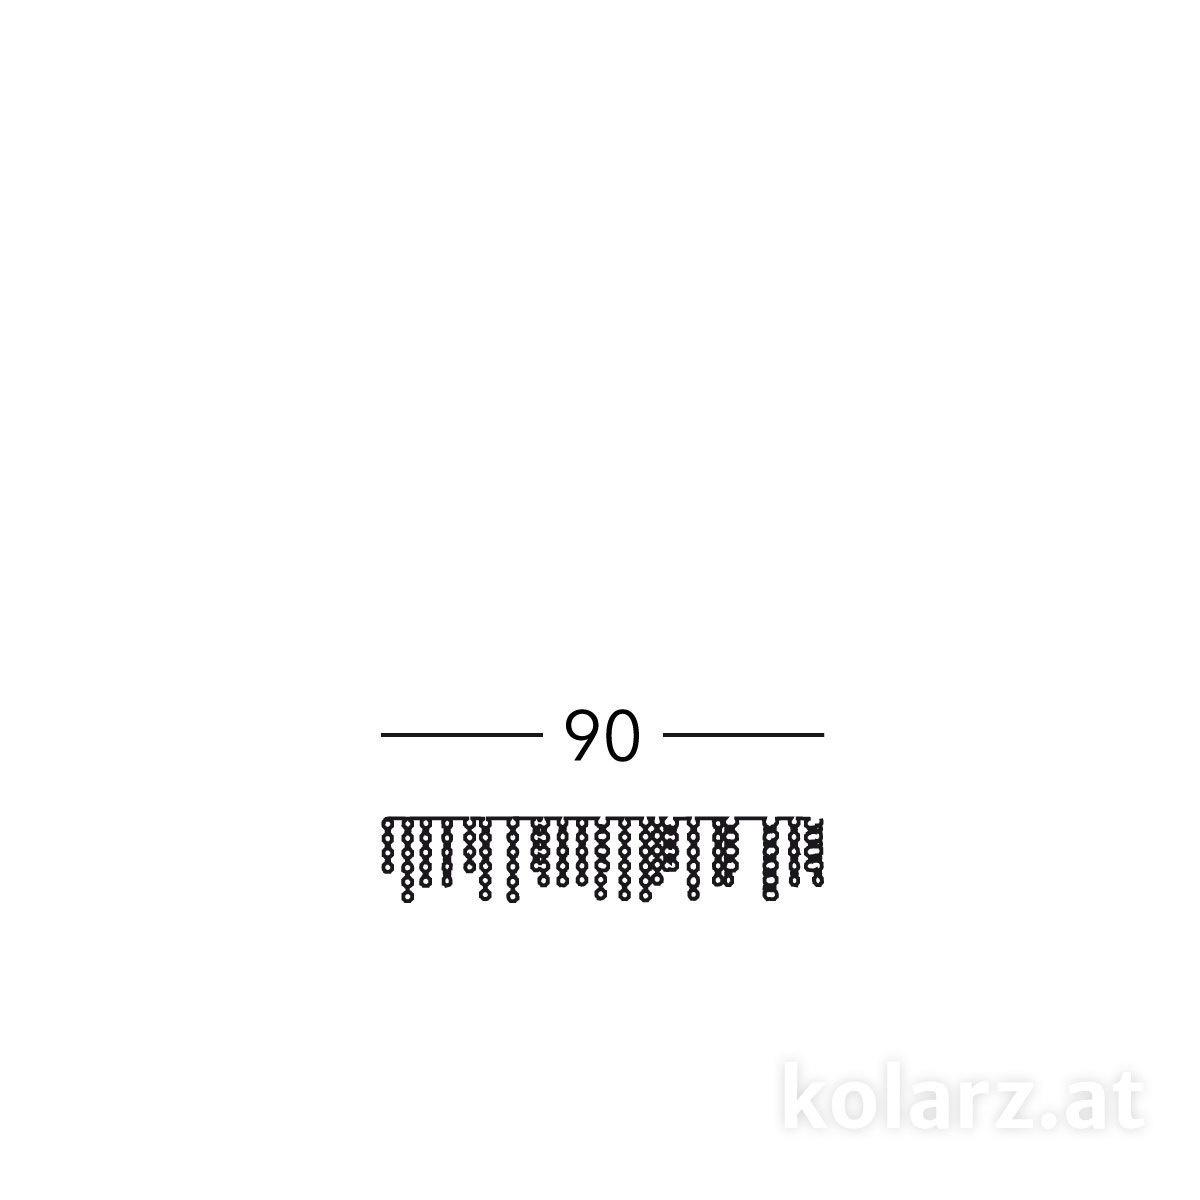 0295-KIT--1L-3-ET-s1.jpg